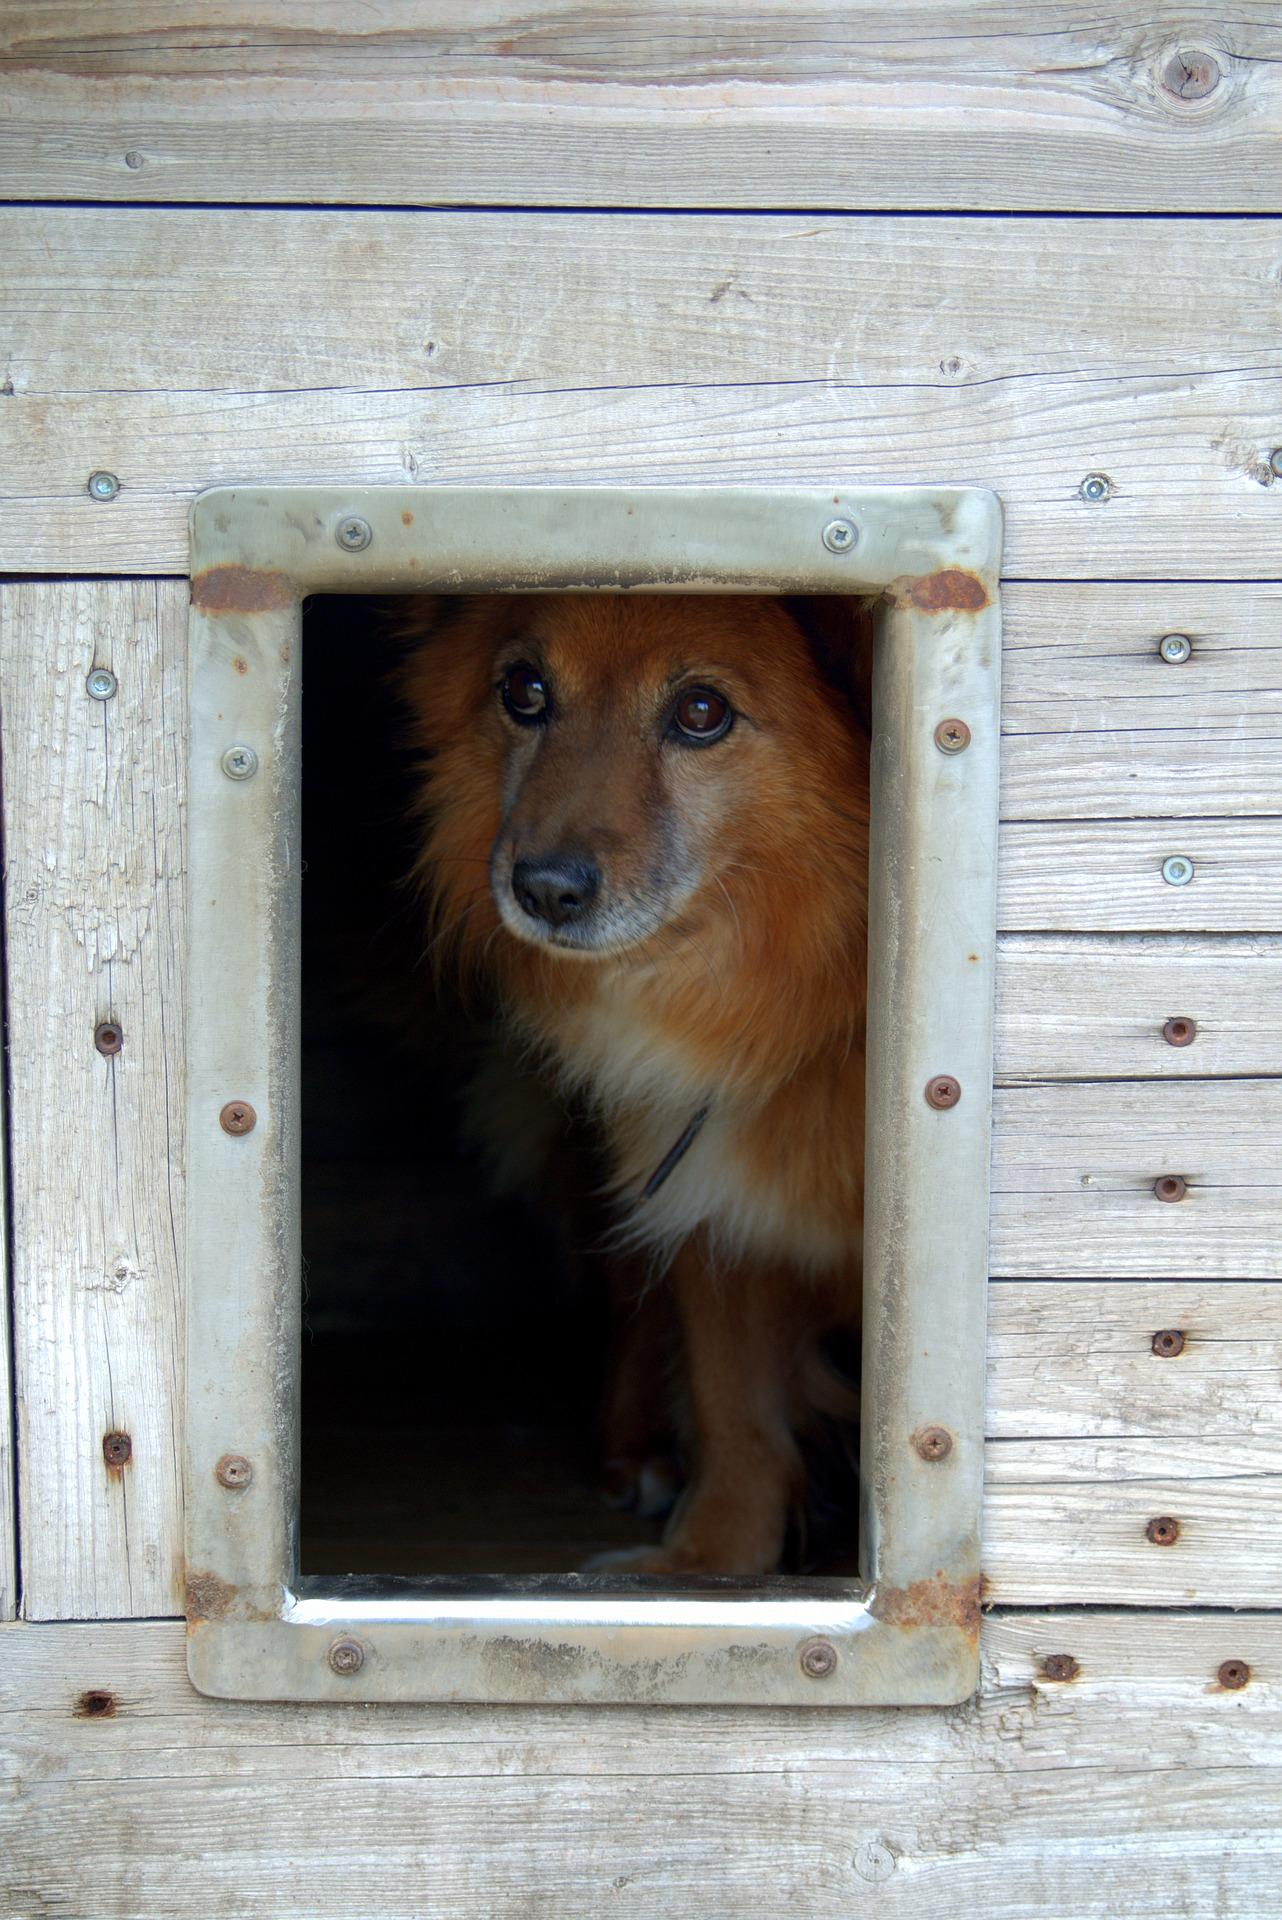 animal-shelter-1558655_1920.jpg